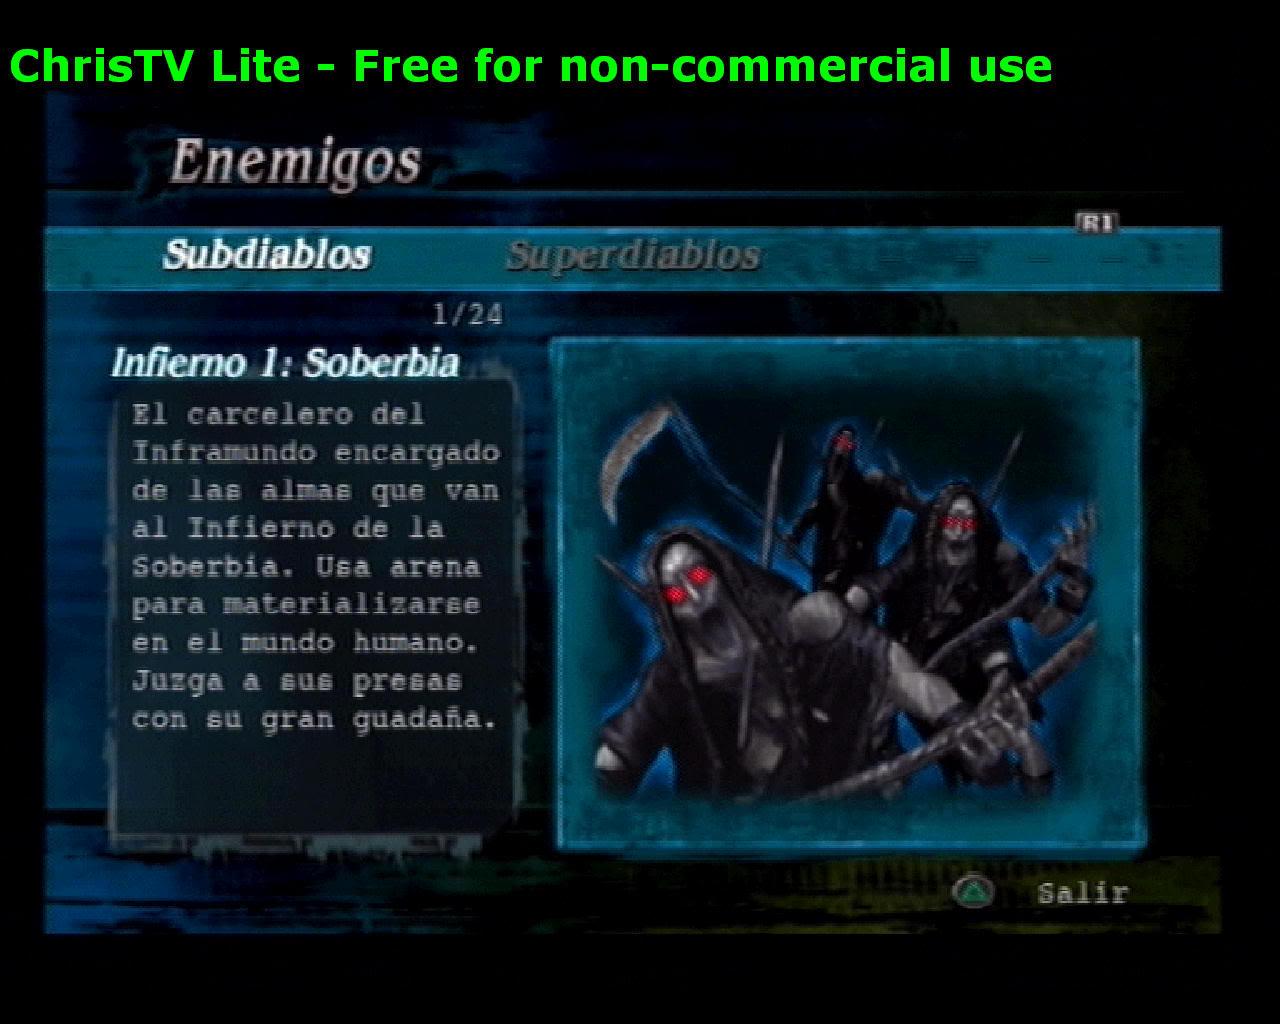 Listado de Subdiablos de Devil May Cry 3 Infierno1Soberbia